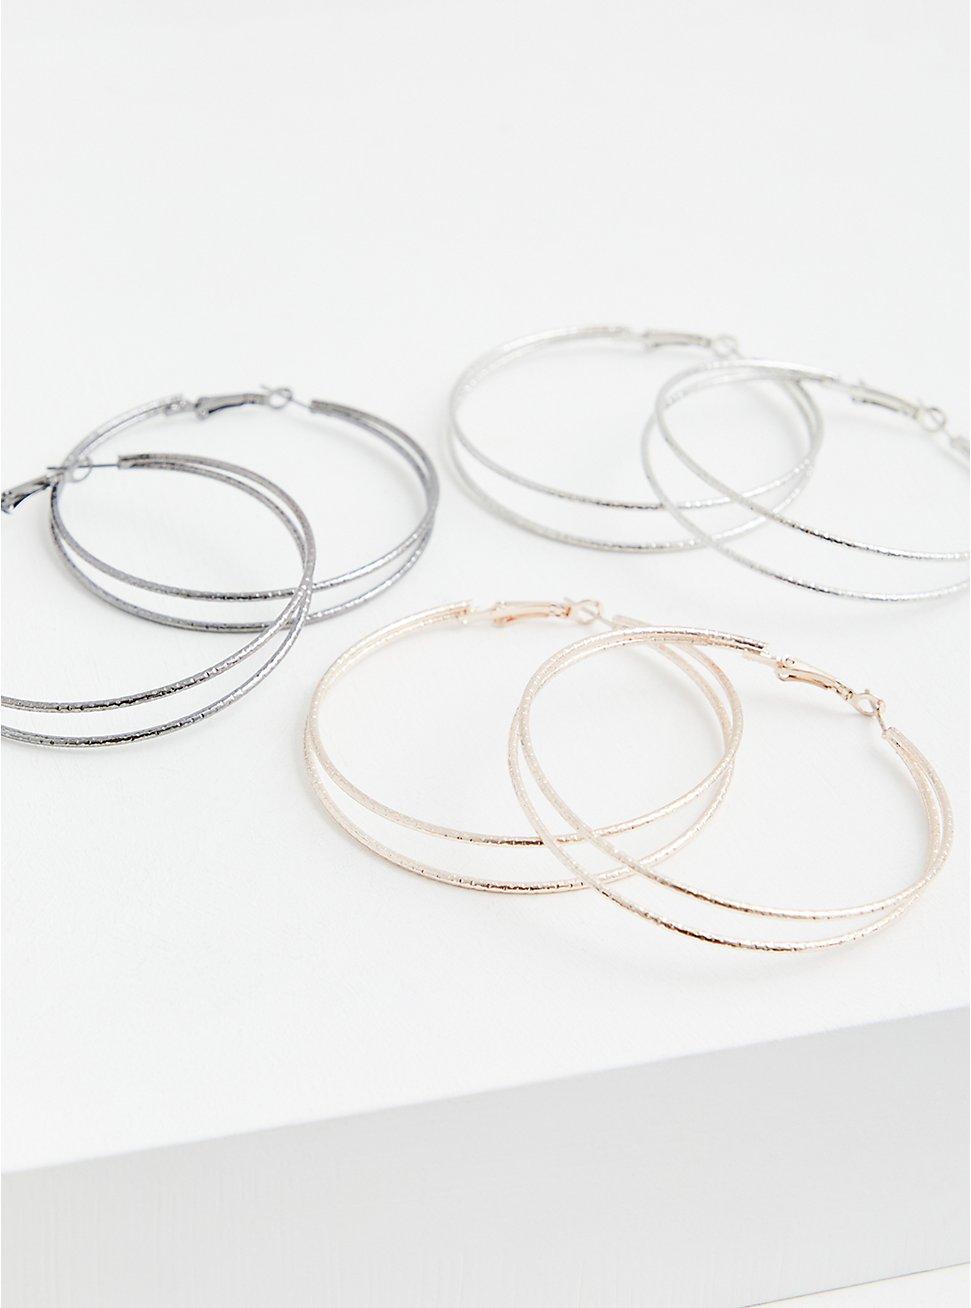 Silver-Tone Double Hoop Earrings Set - Set of 3, , hi-res